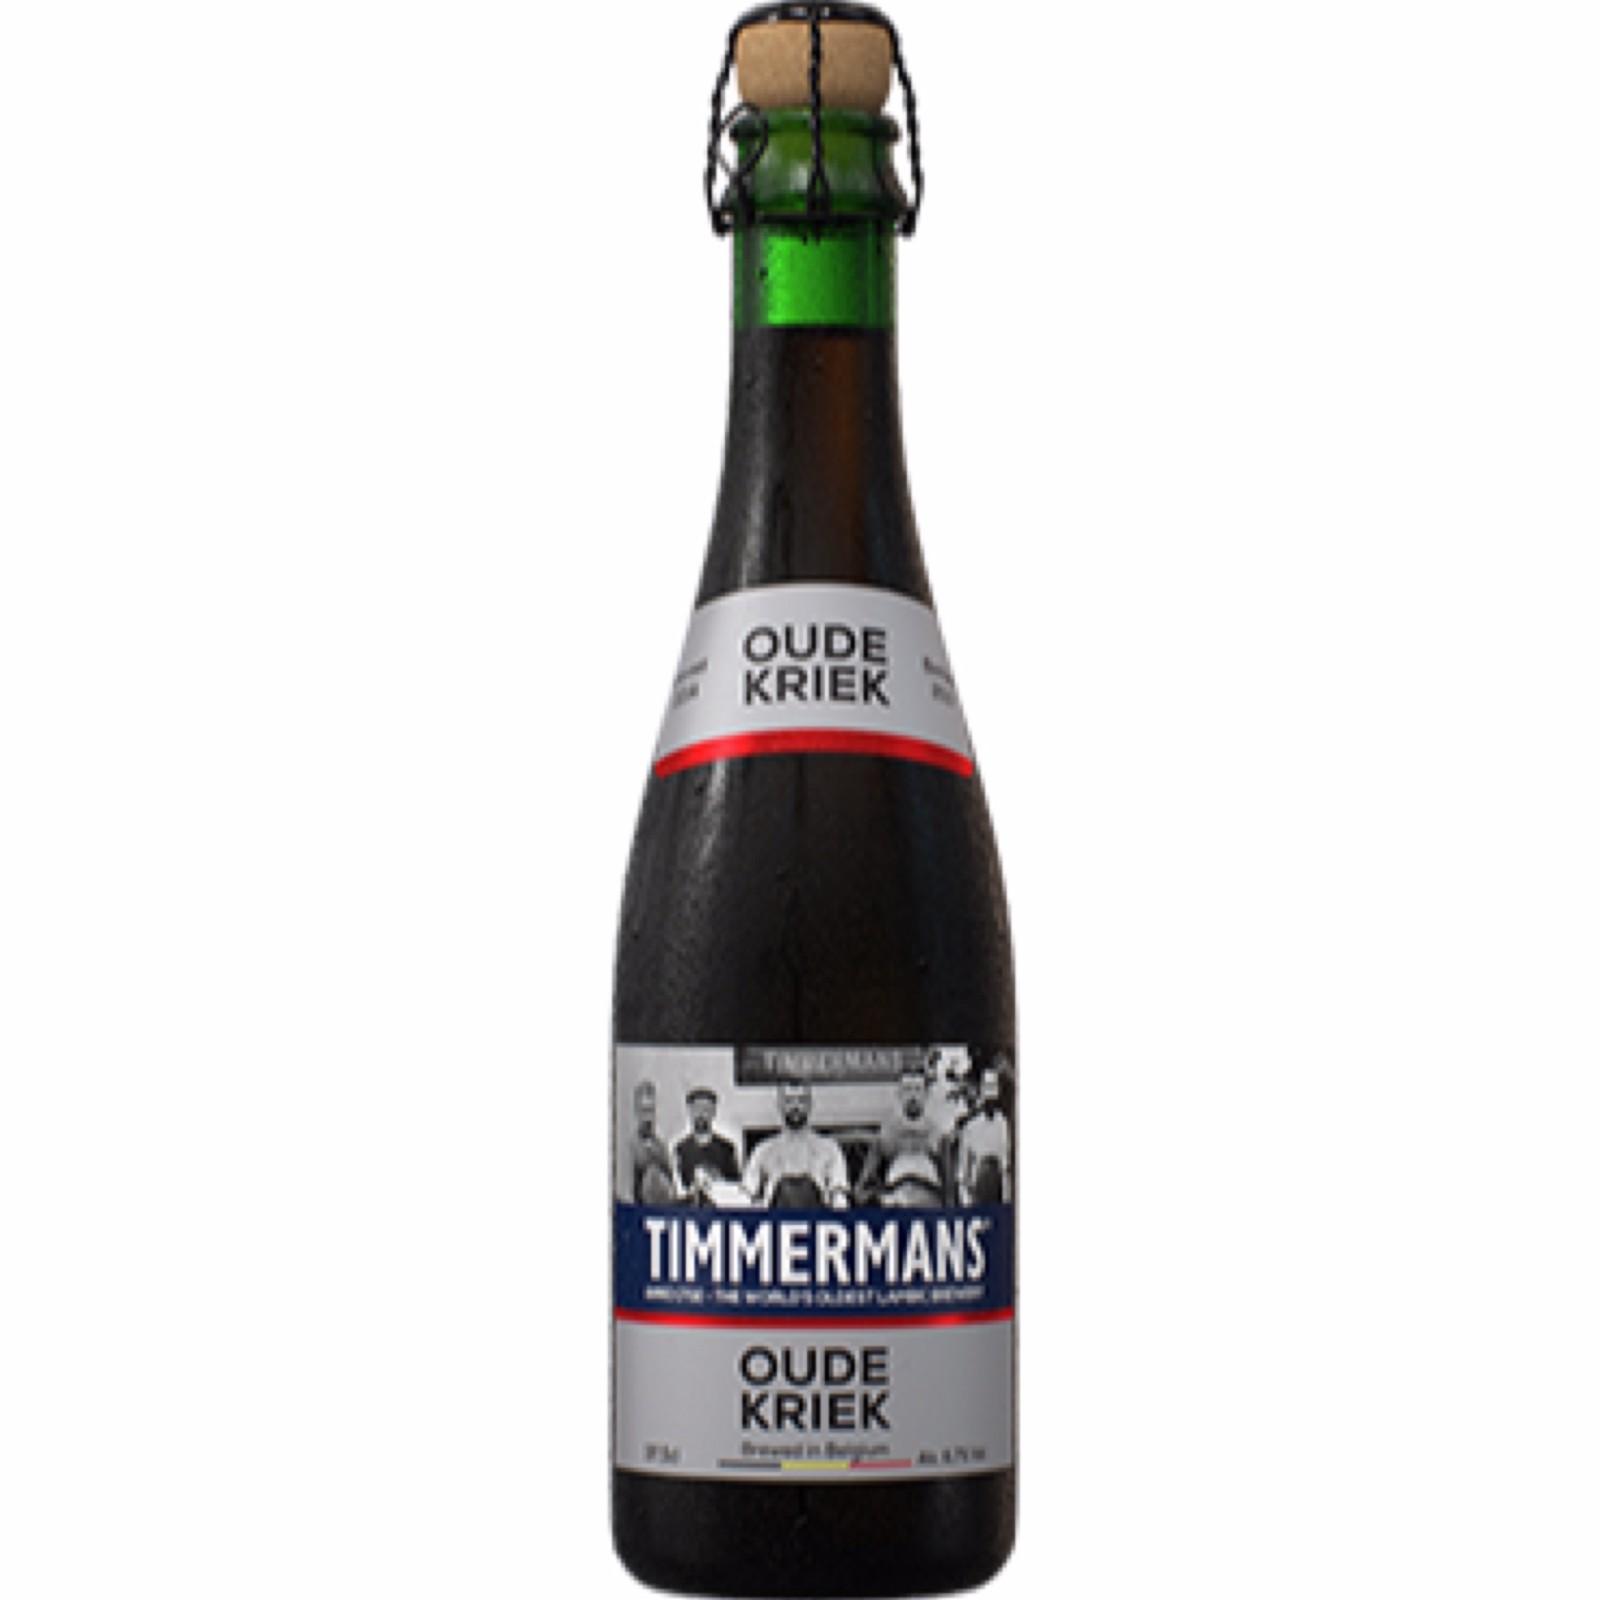 Timmermans Oude Kriek 6.7% 375ml